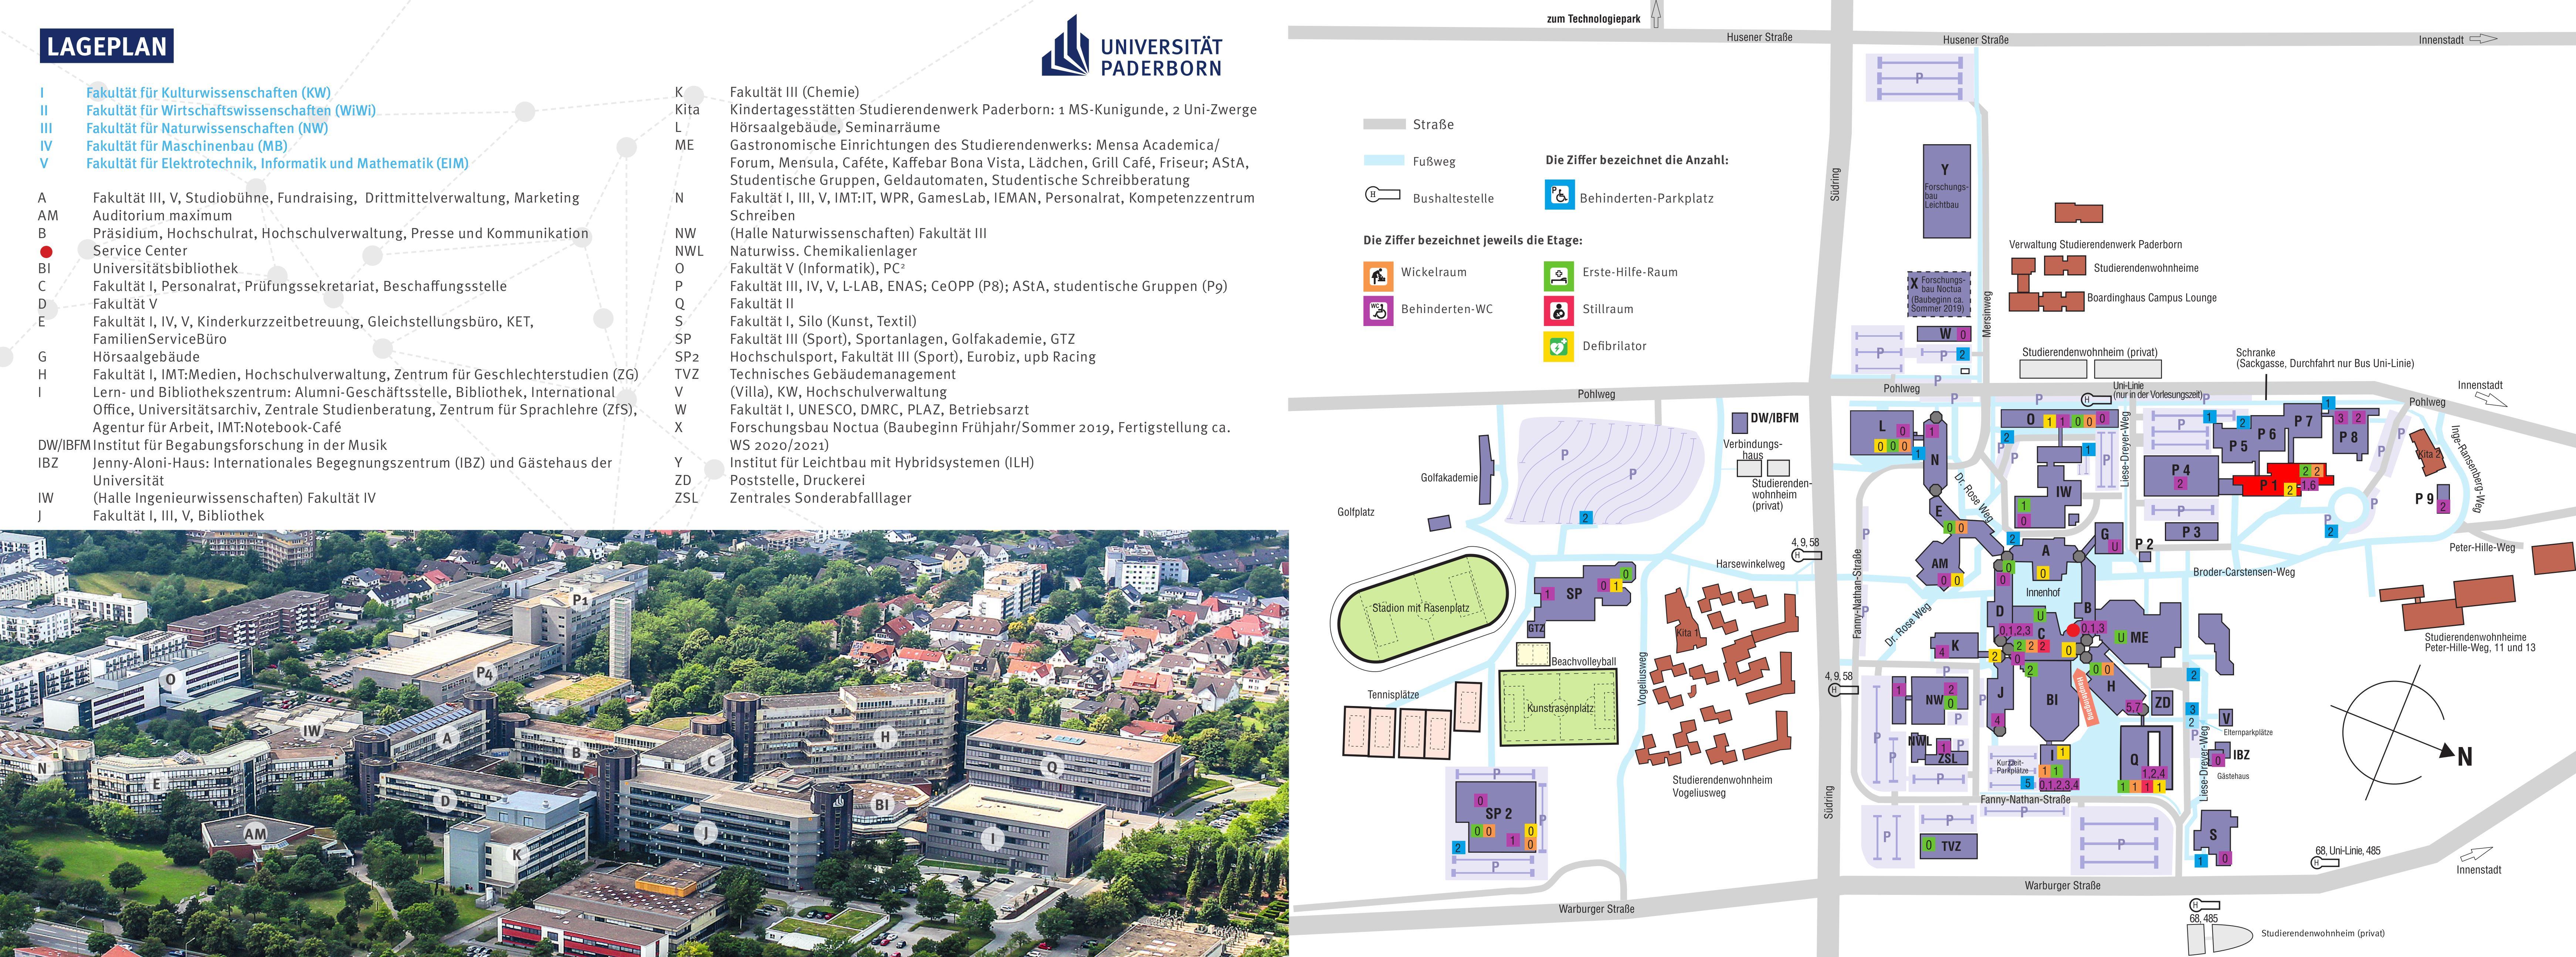 Karte Paderborn.Get Lab Kontakt